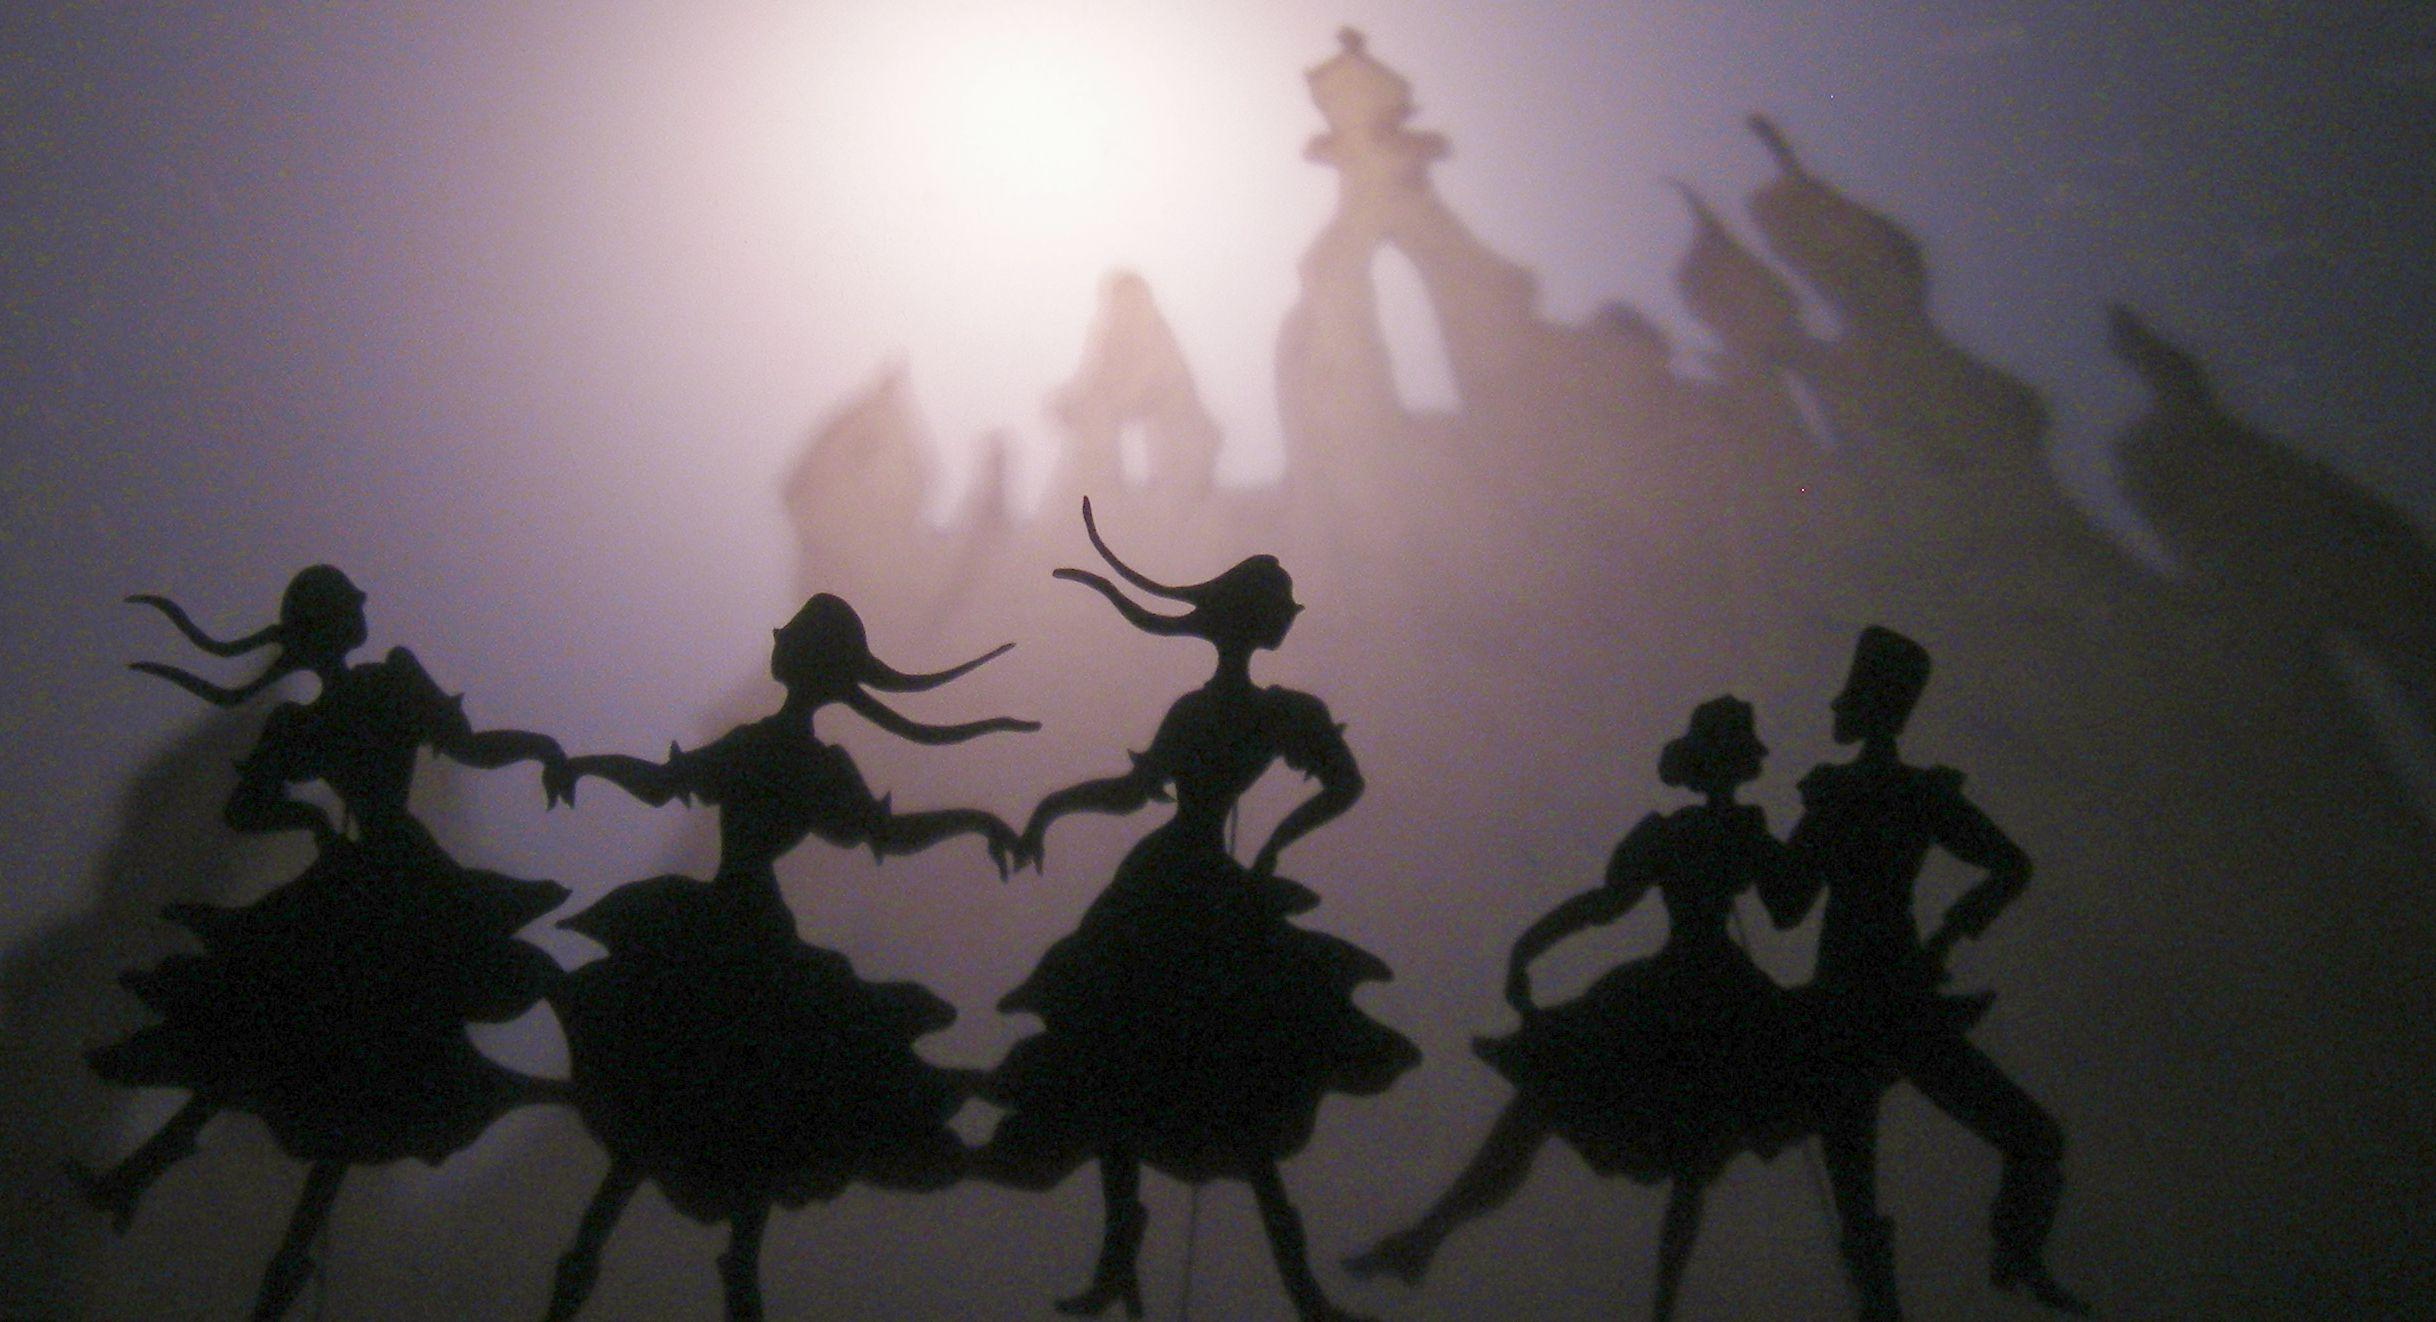 Les Spectacles Du Theatre Des Ombres : Une Compagnie tout Spectacle Danse Chinoise